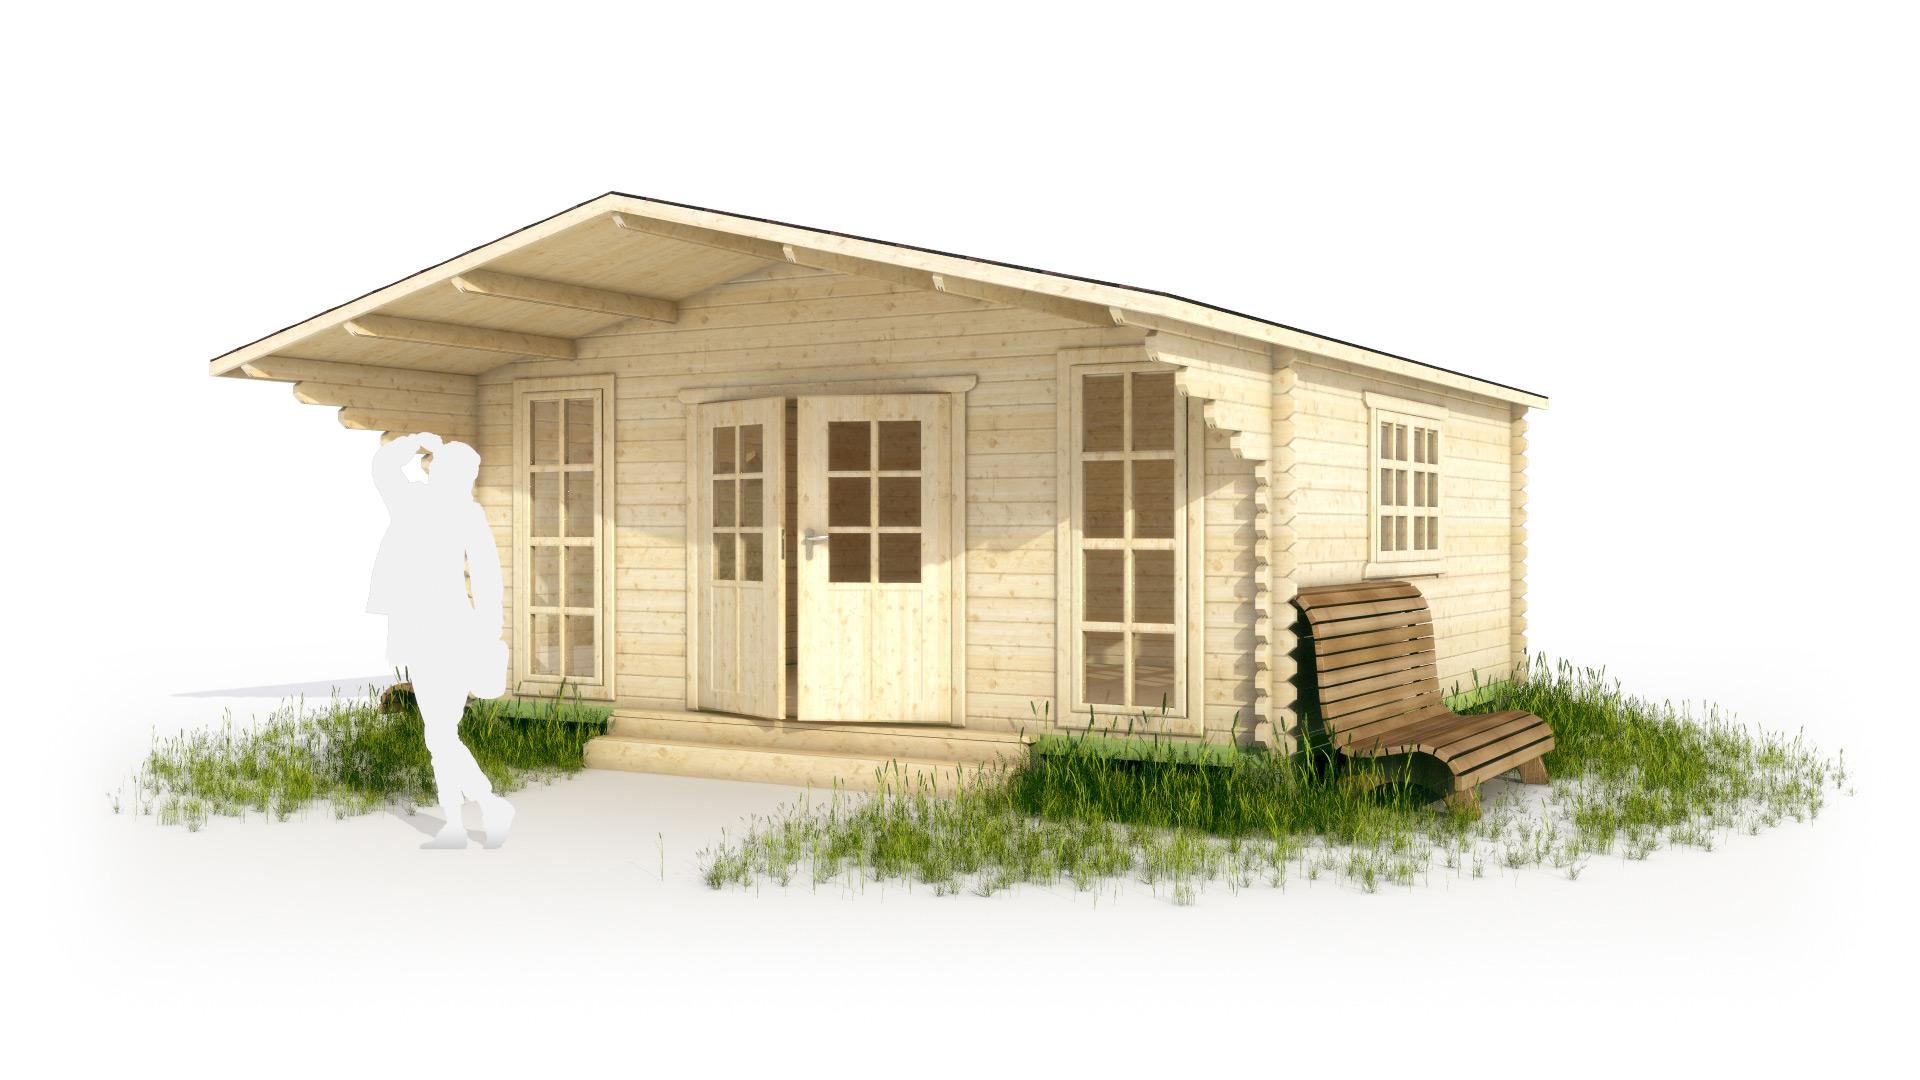 Дачный дом с навесом в 3d